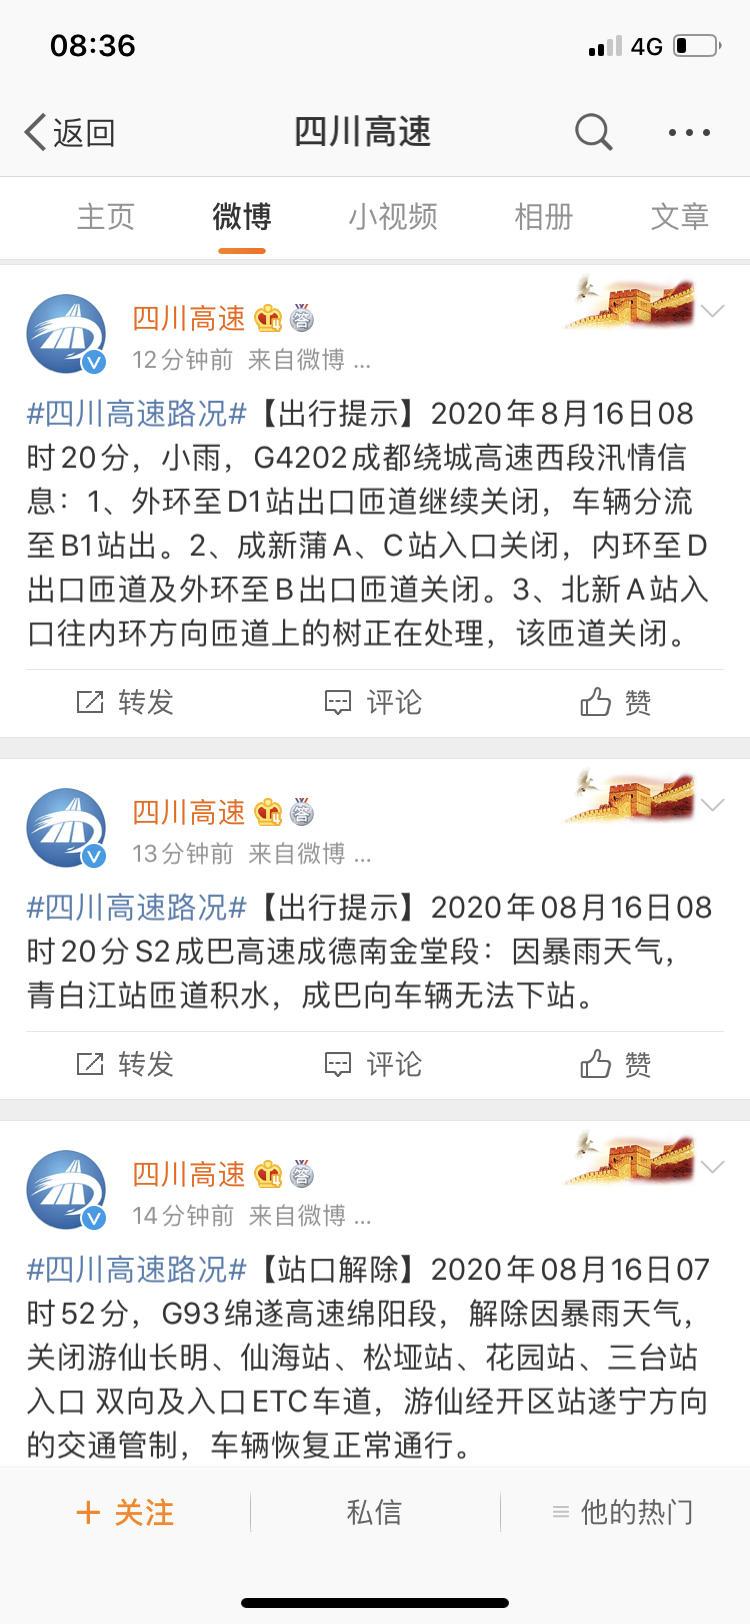 ↑@四川高速微博接连发布出行提示